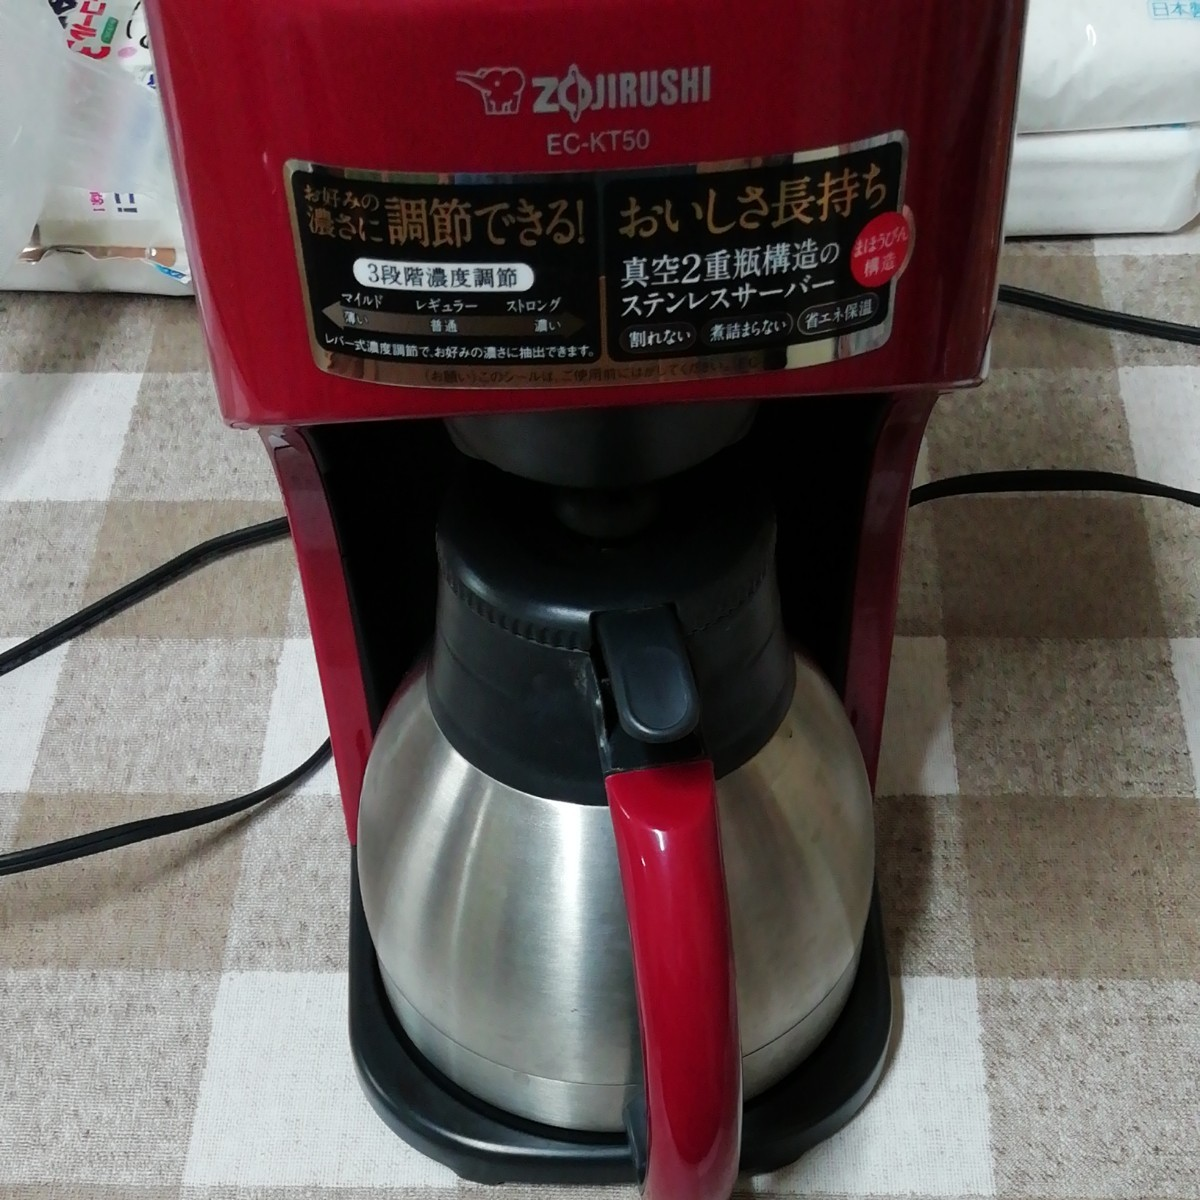 コーヒーメーカー 象印コーヒーメーカー ZOJIRUSHI レッド